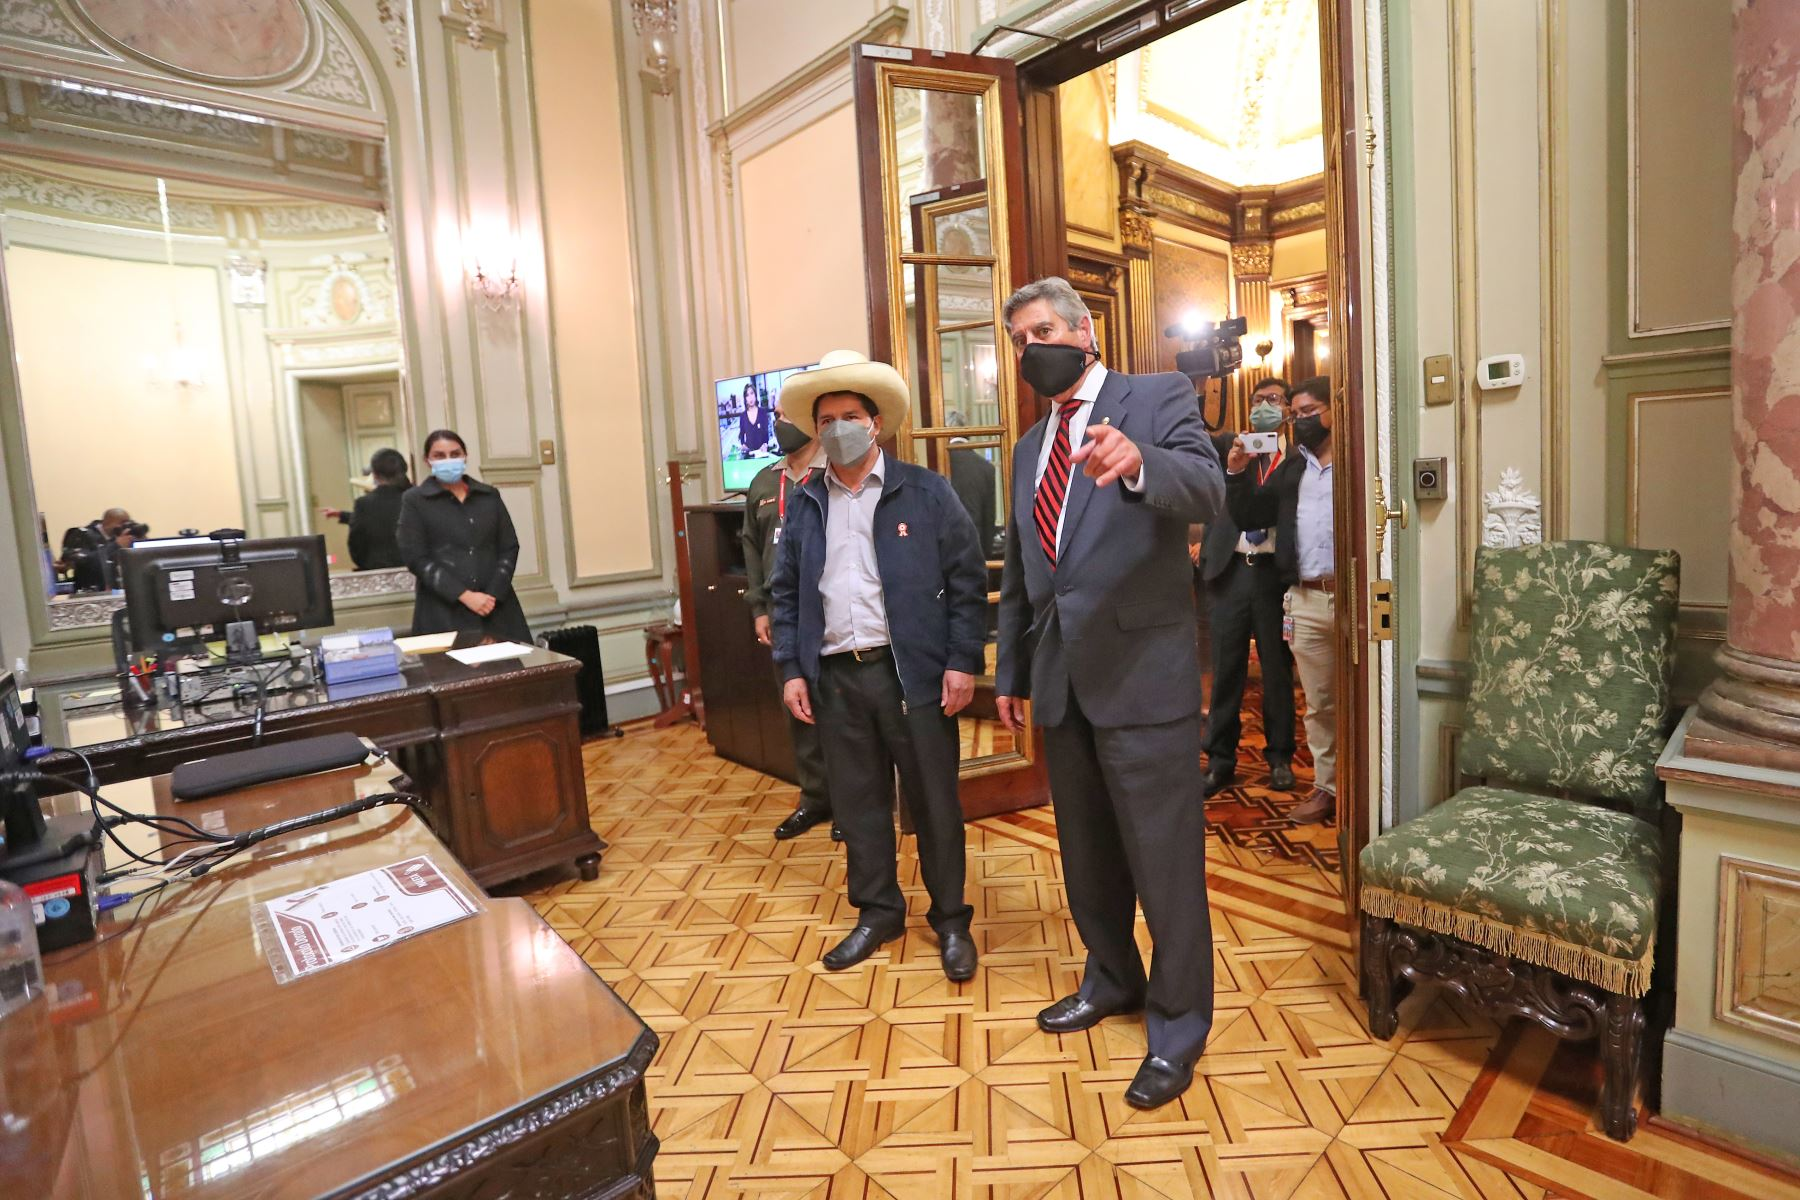 El presidente electo Pedro Castillo se reúne con el presidente de la República Francisco Sagasti en Palacio de Gobierno. Foto: ANDINA/Prensa Presidencia